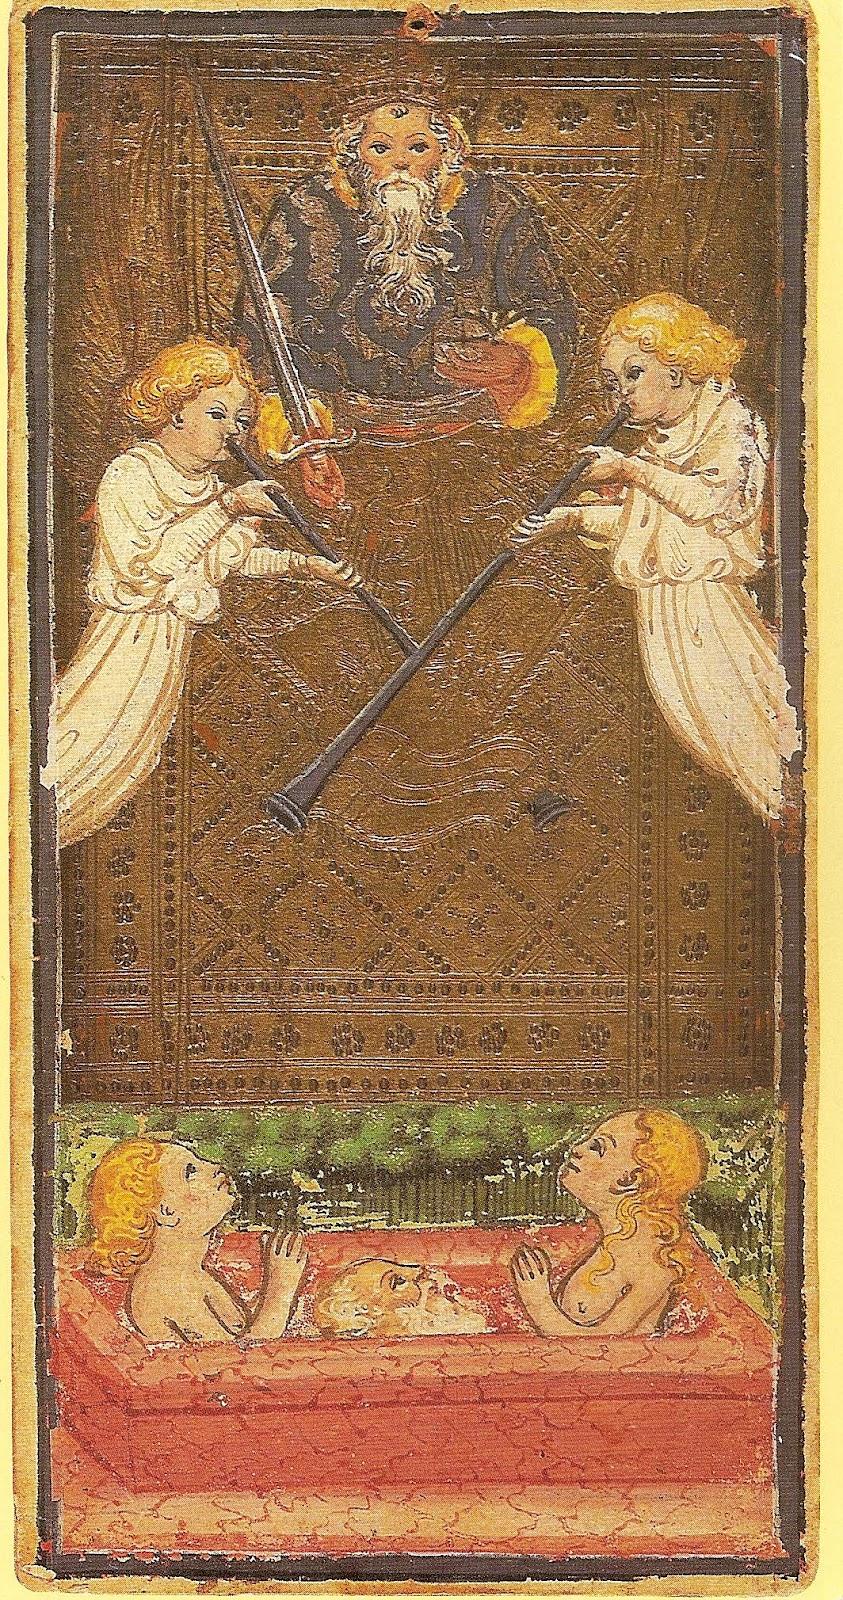 Celtic Tarot Product Summary: Tarot And More: 2) Tarot Cards : Symbolism